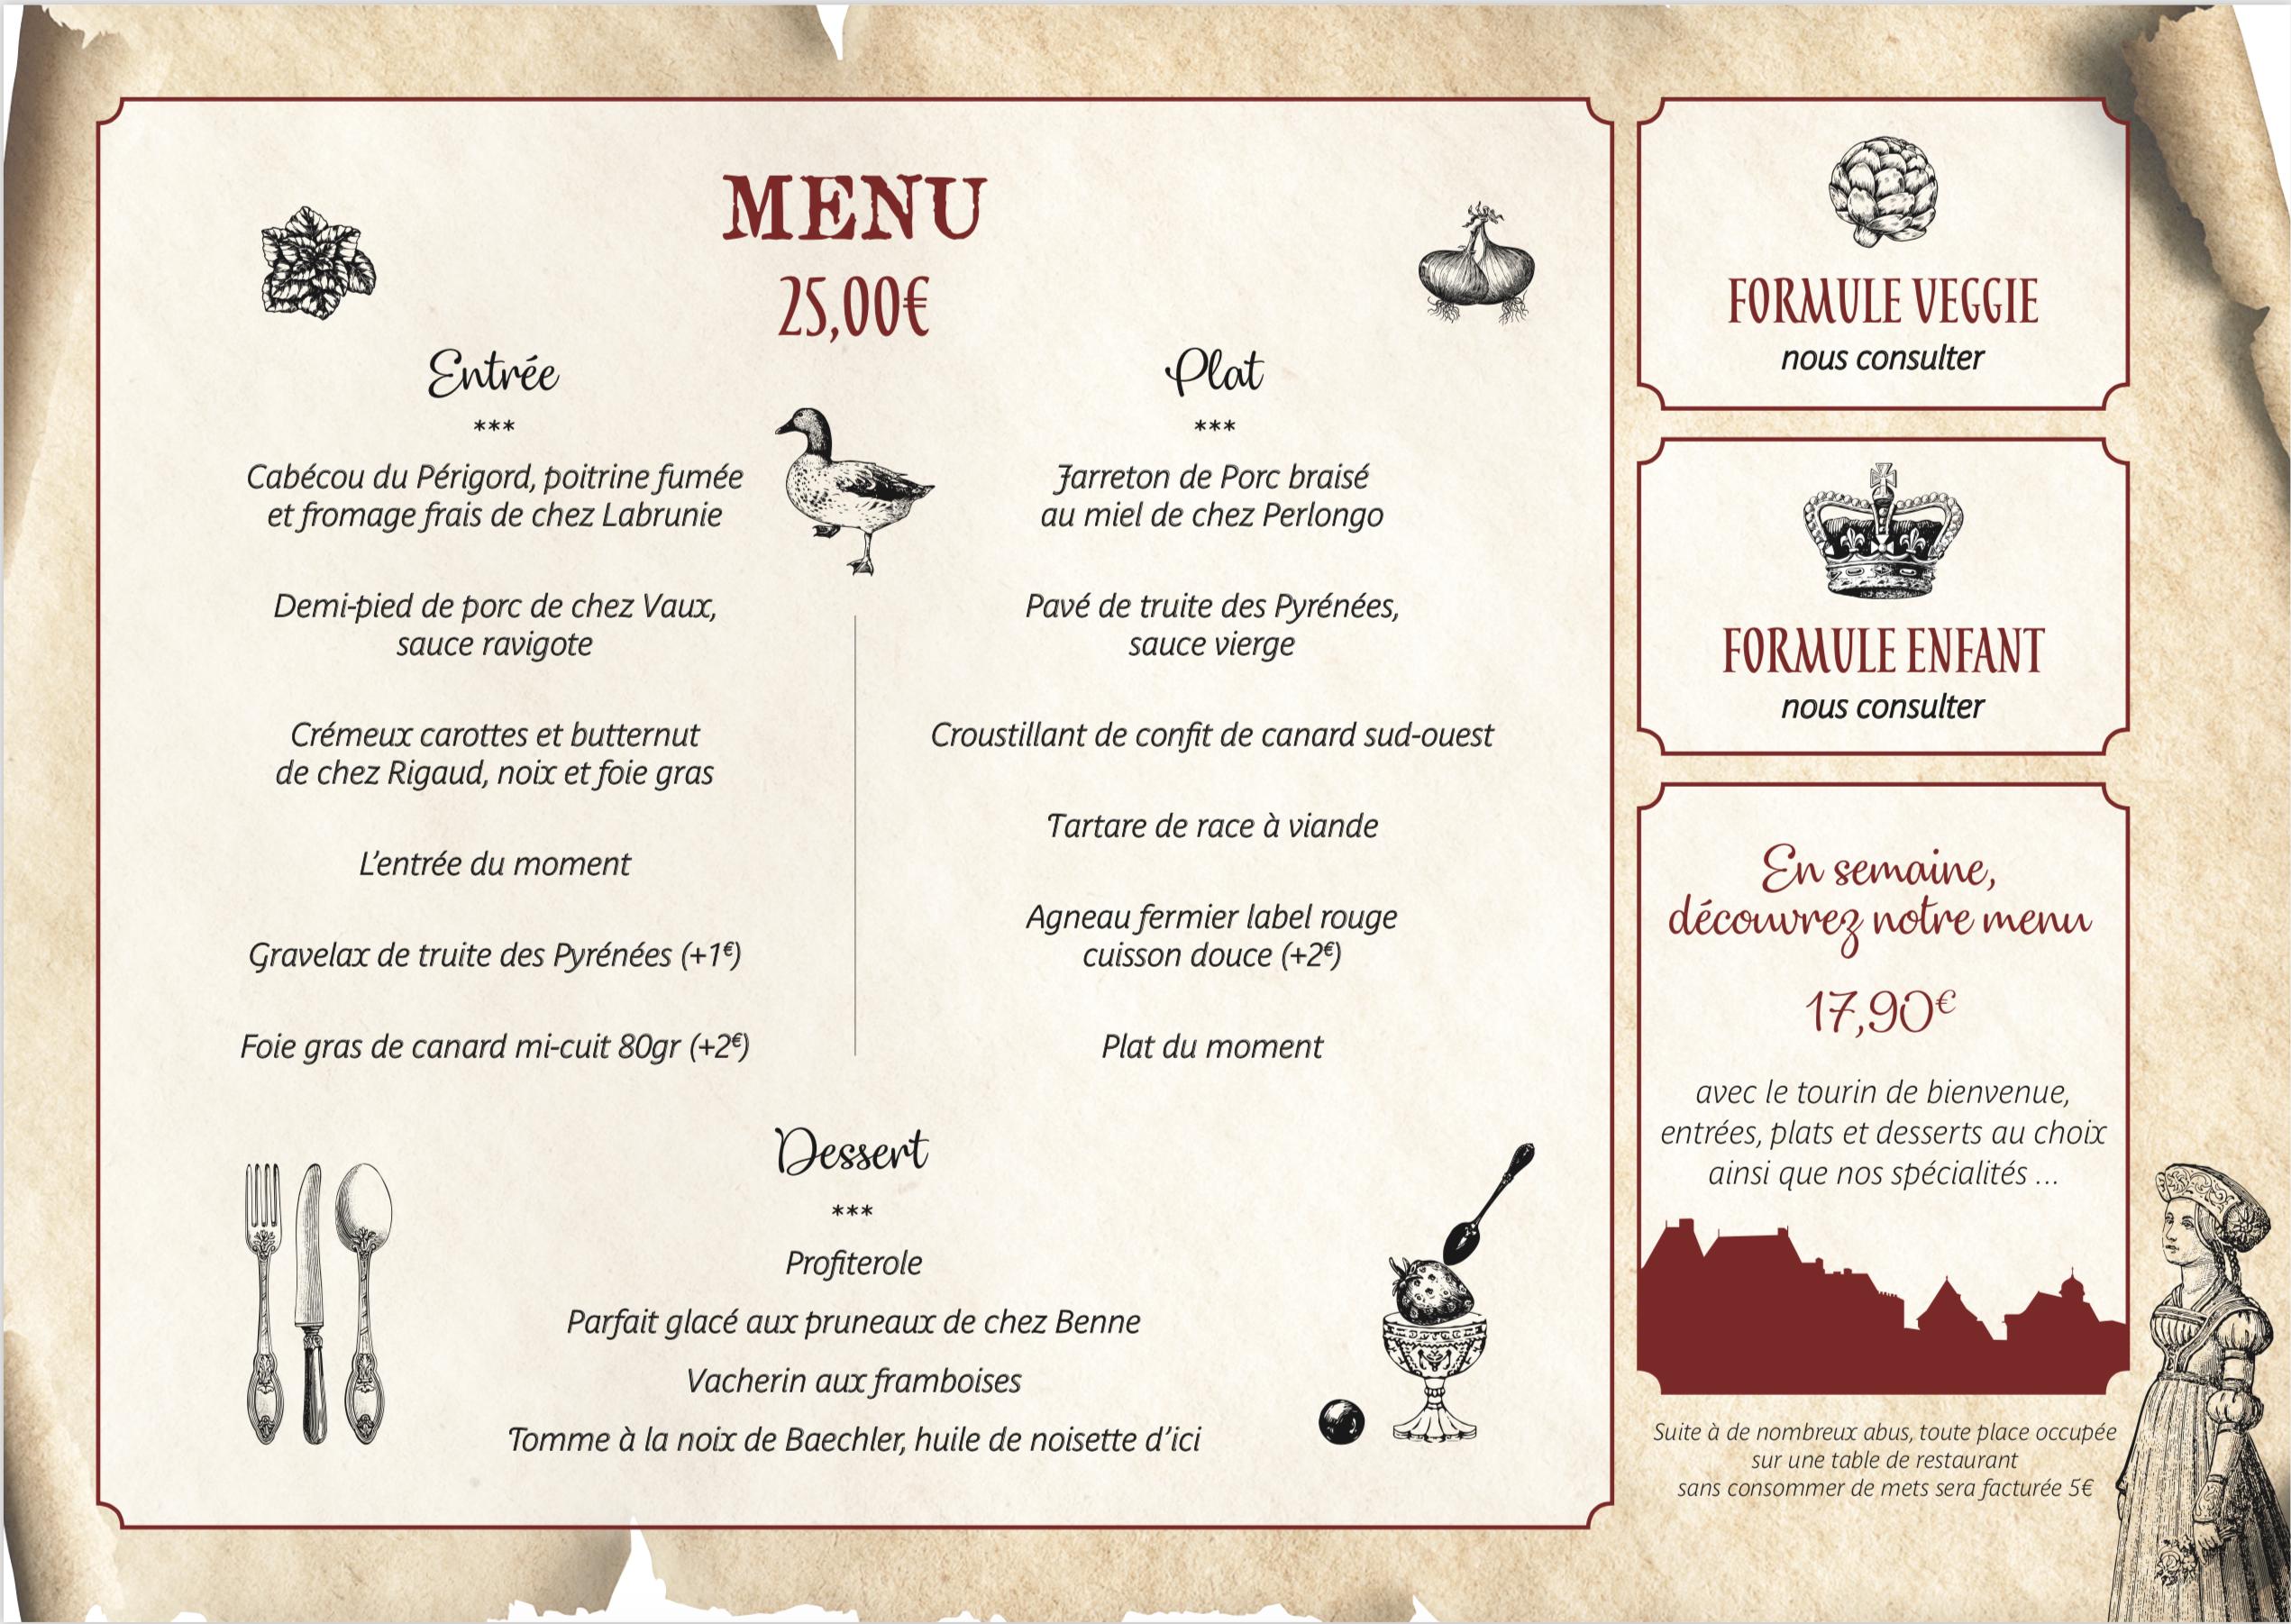 menu auberge du chateau de biron